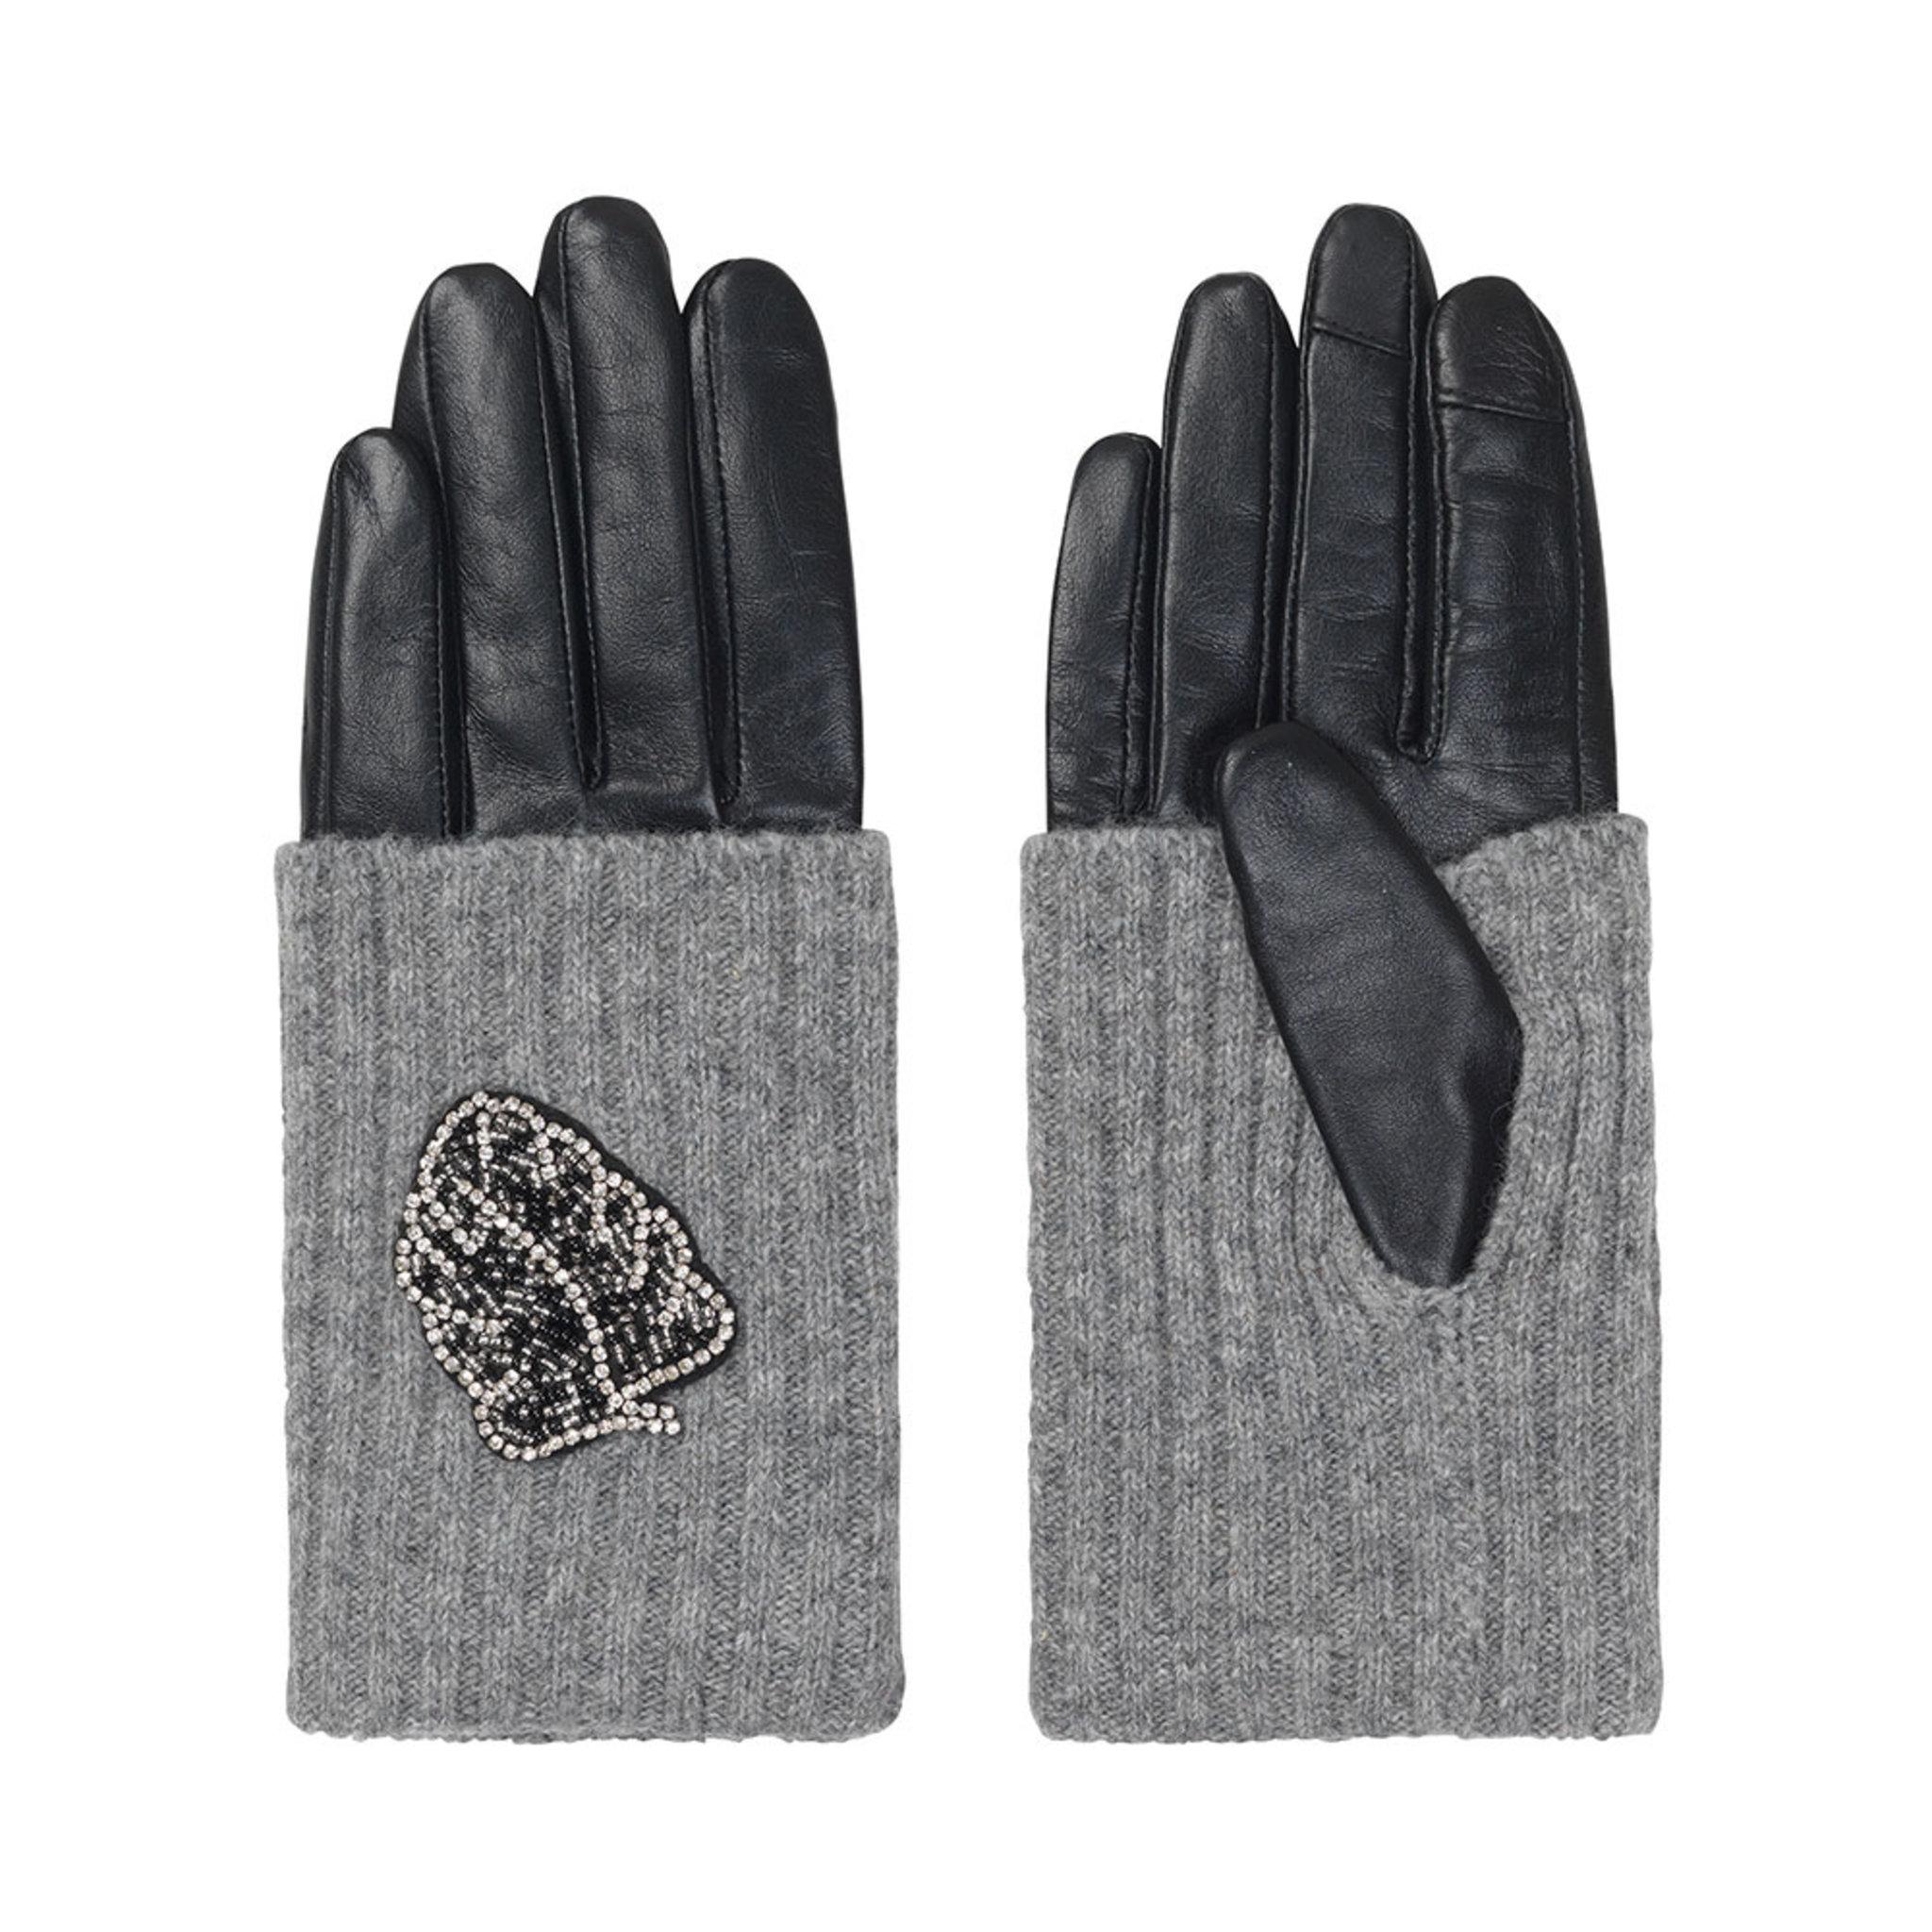 1d8f59ffc70 Barre Glam Gloves - Skinnhandskar - Köp online på åhlens.se!